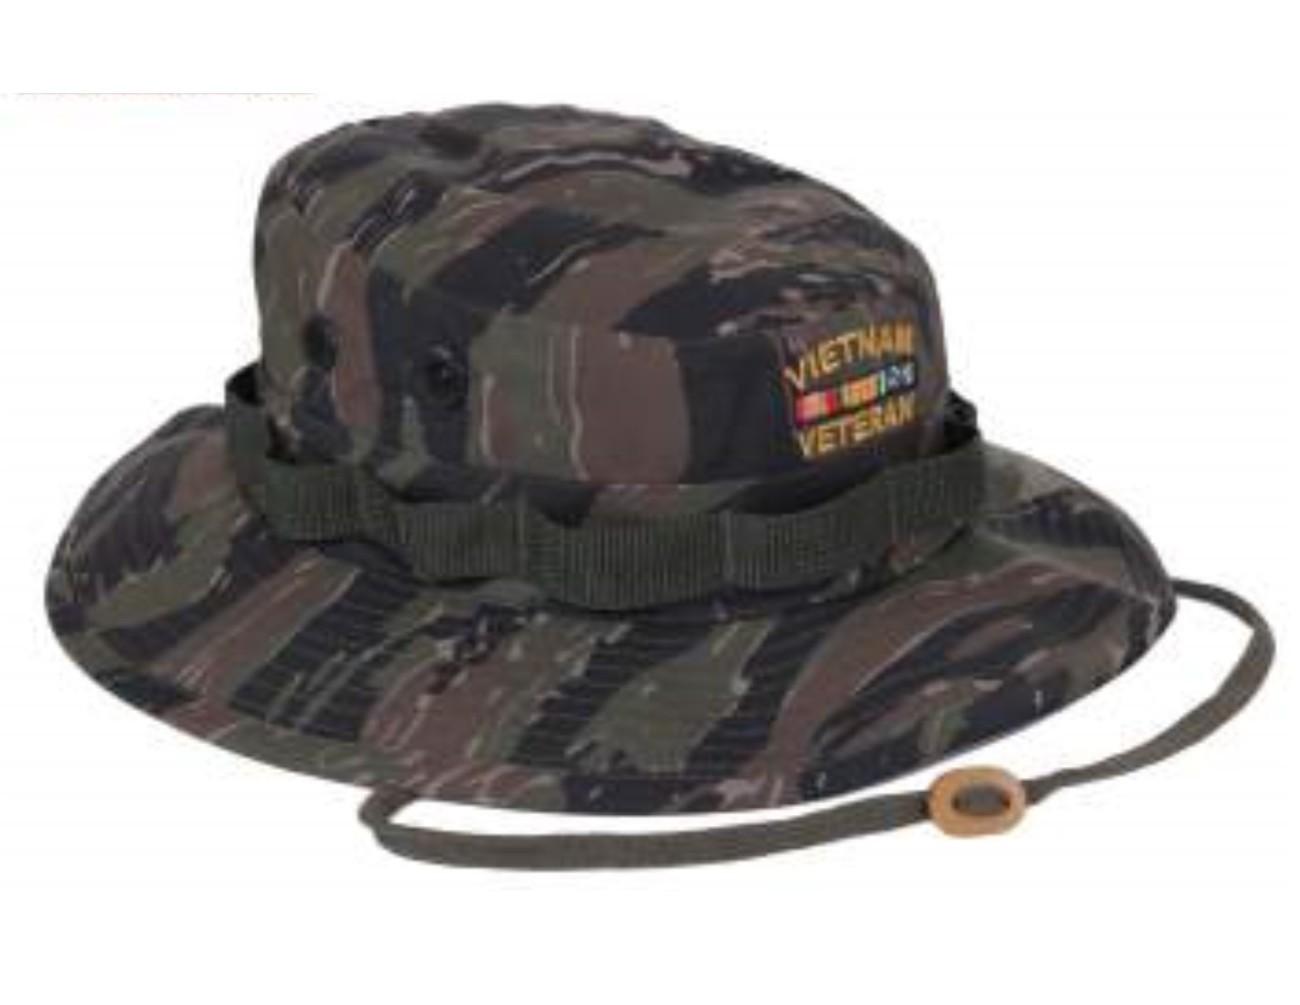 Vietnam Veteran Tiger Stripe Camo Boonie Hat